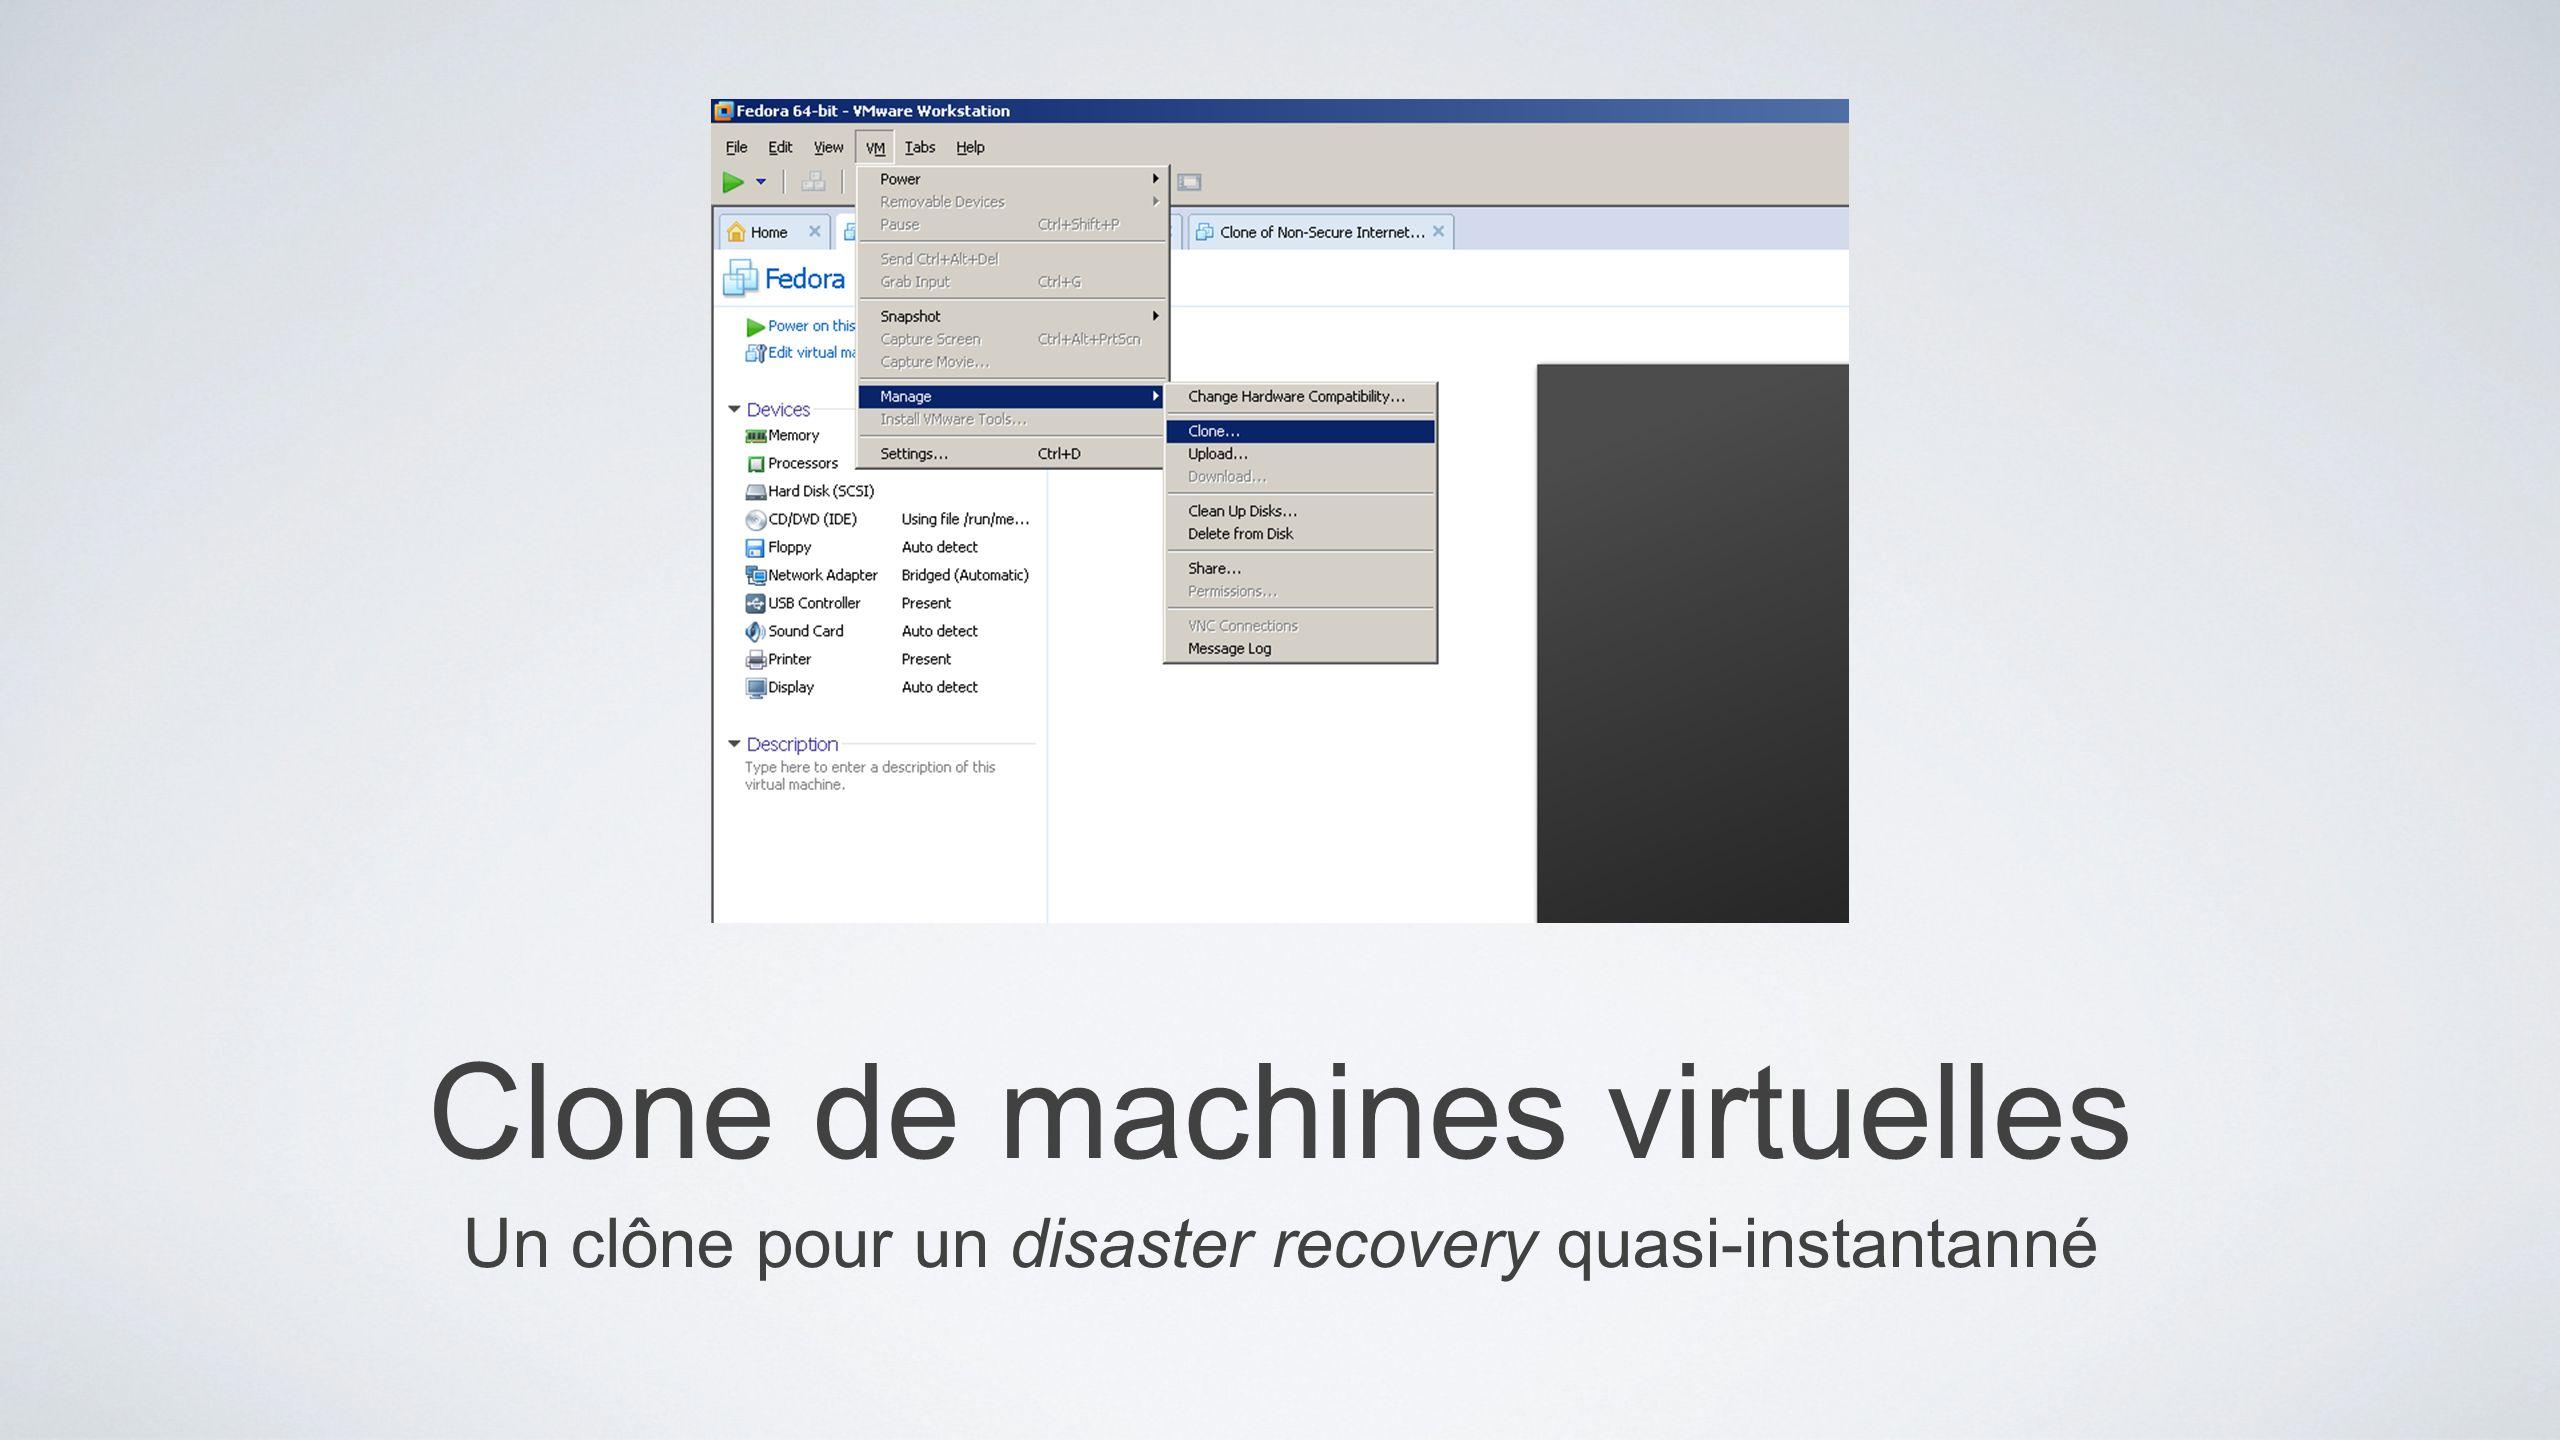 Clone de machines virtuelles Un clône pour un disaster recovery quasi-instantanné